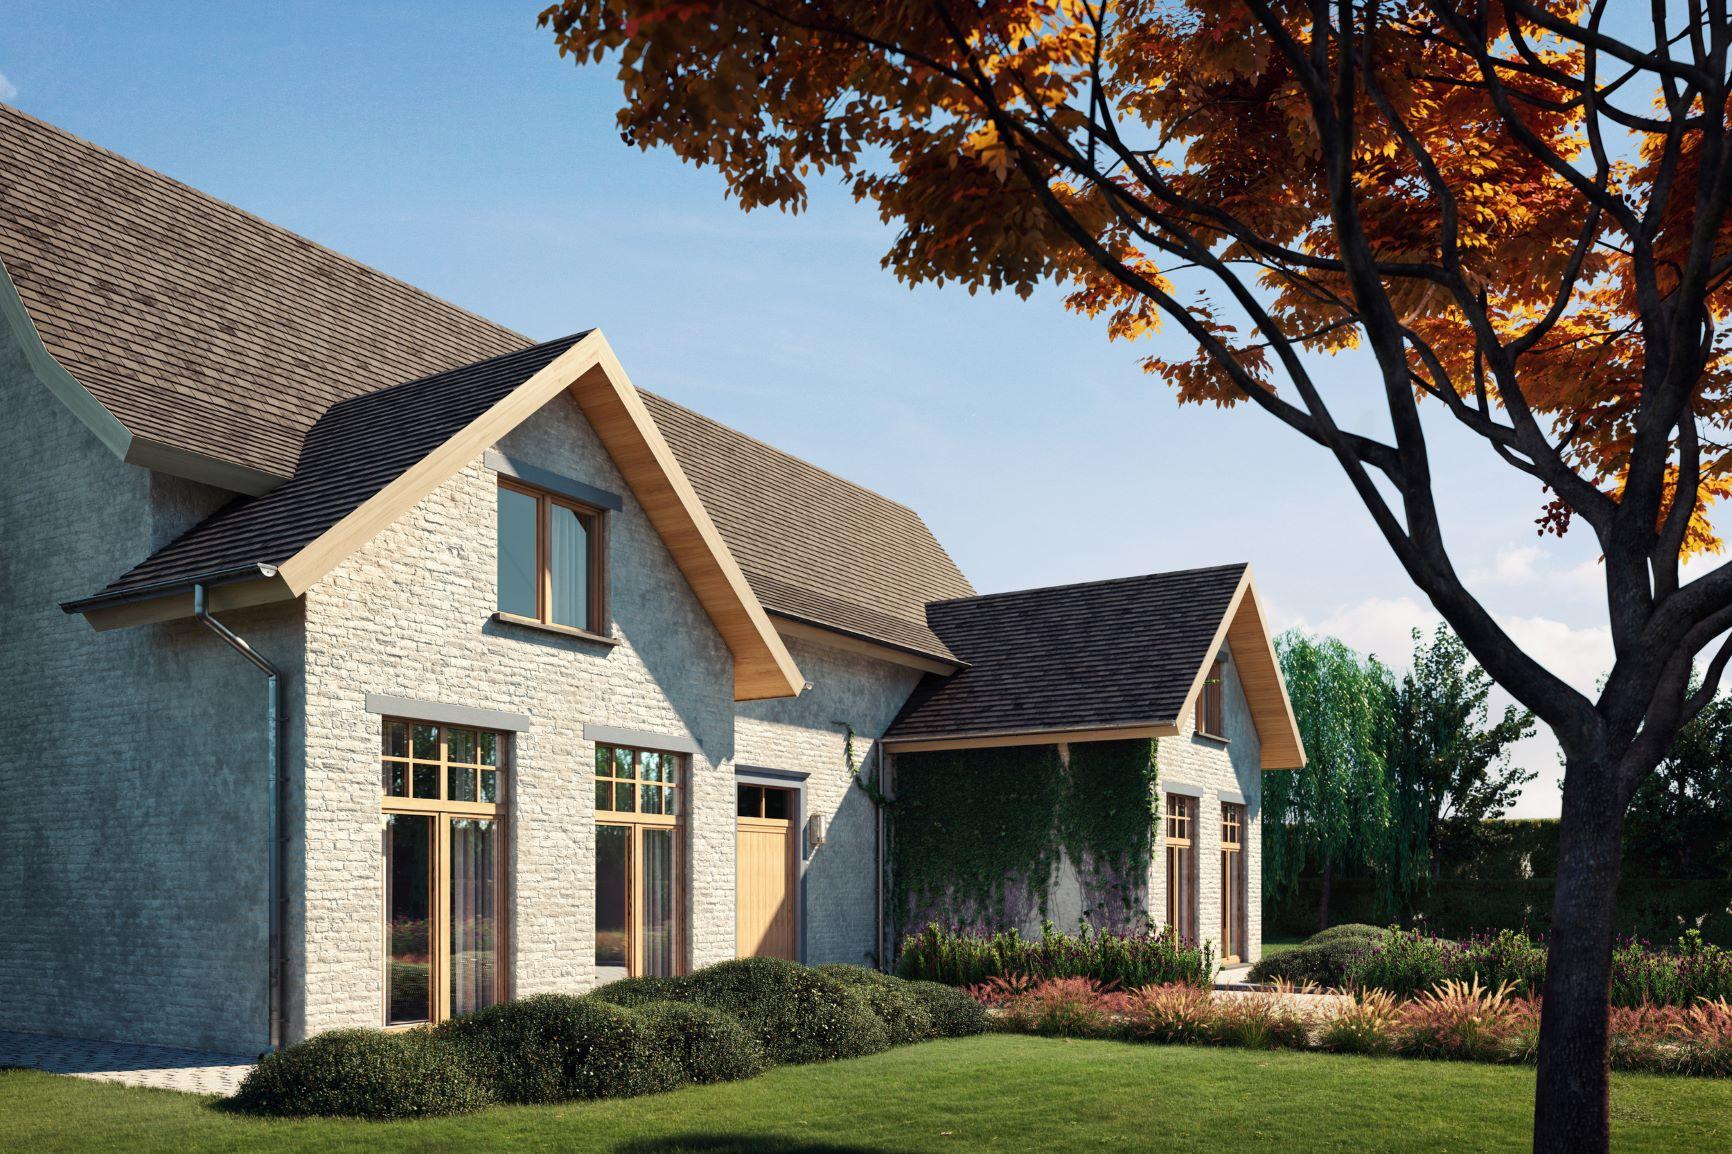 Moderný rodinný dom s francúzkymi oknami